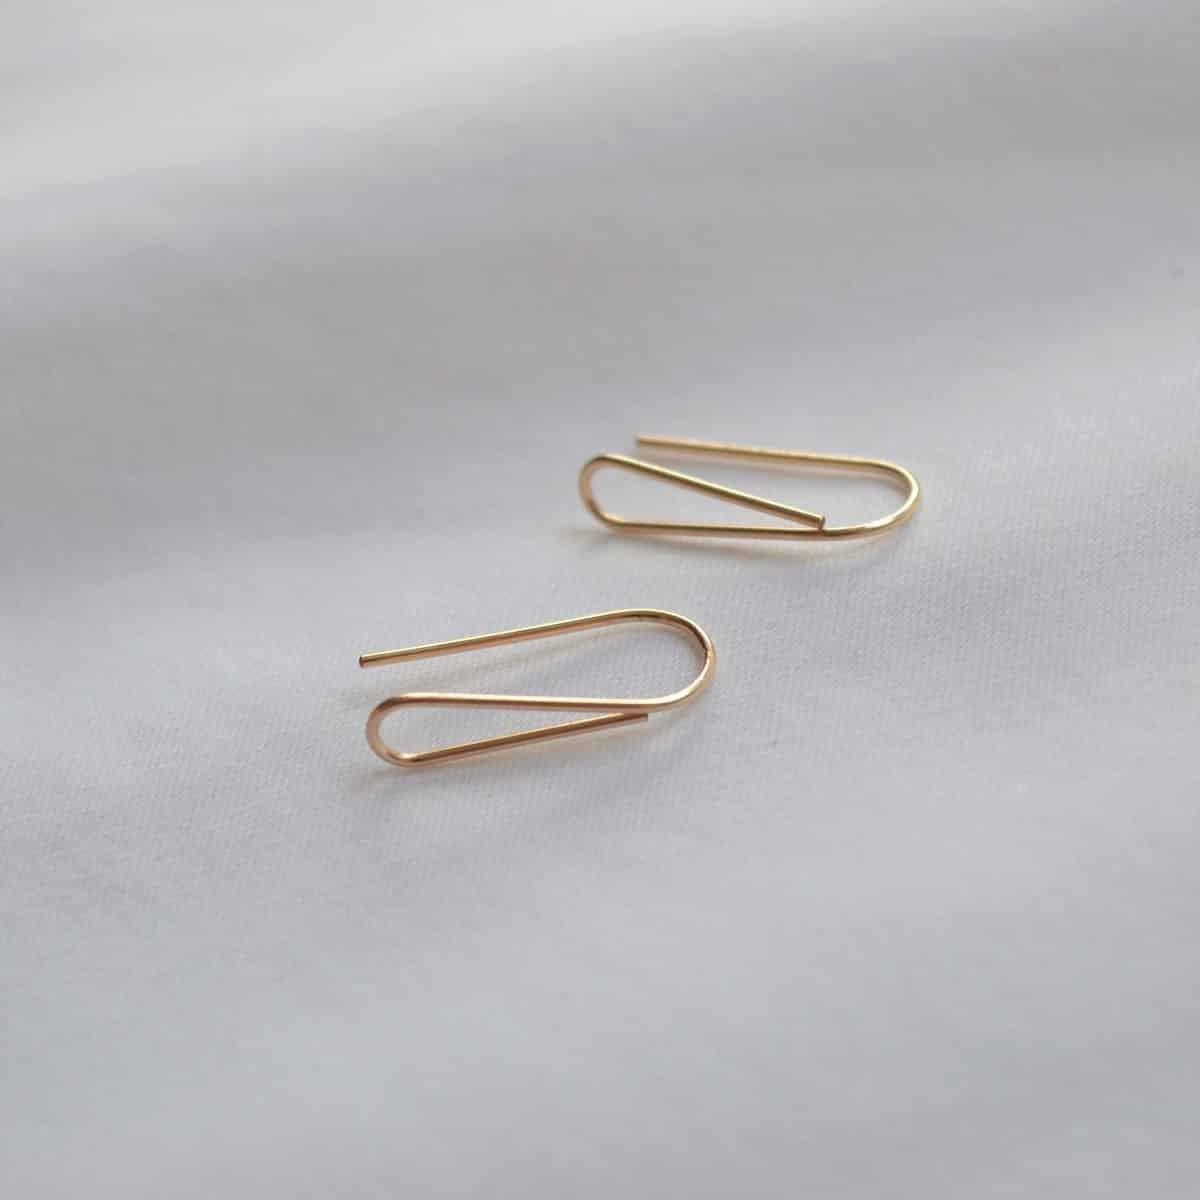 Dolce Earrings In 14k Gold Filled By Little Hangings